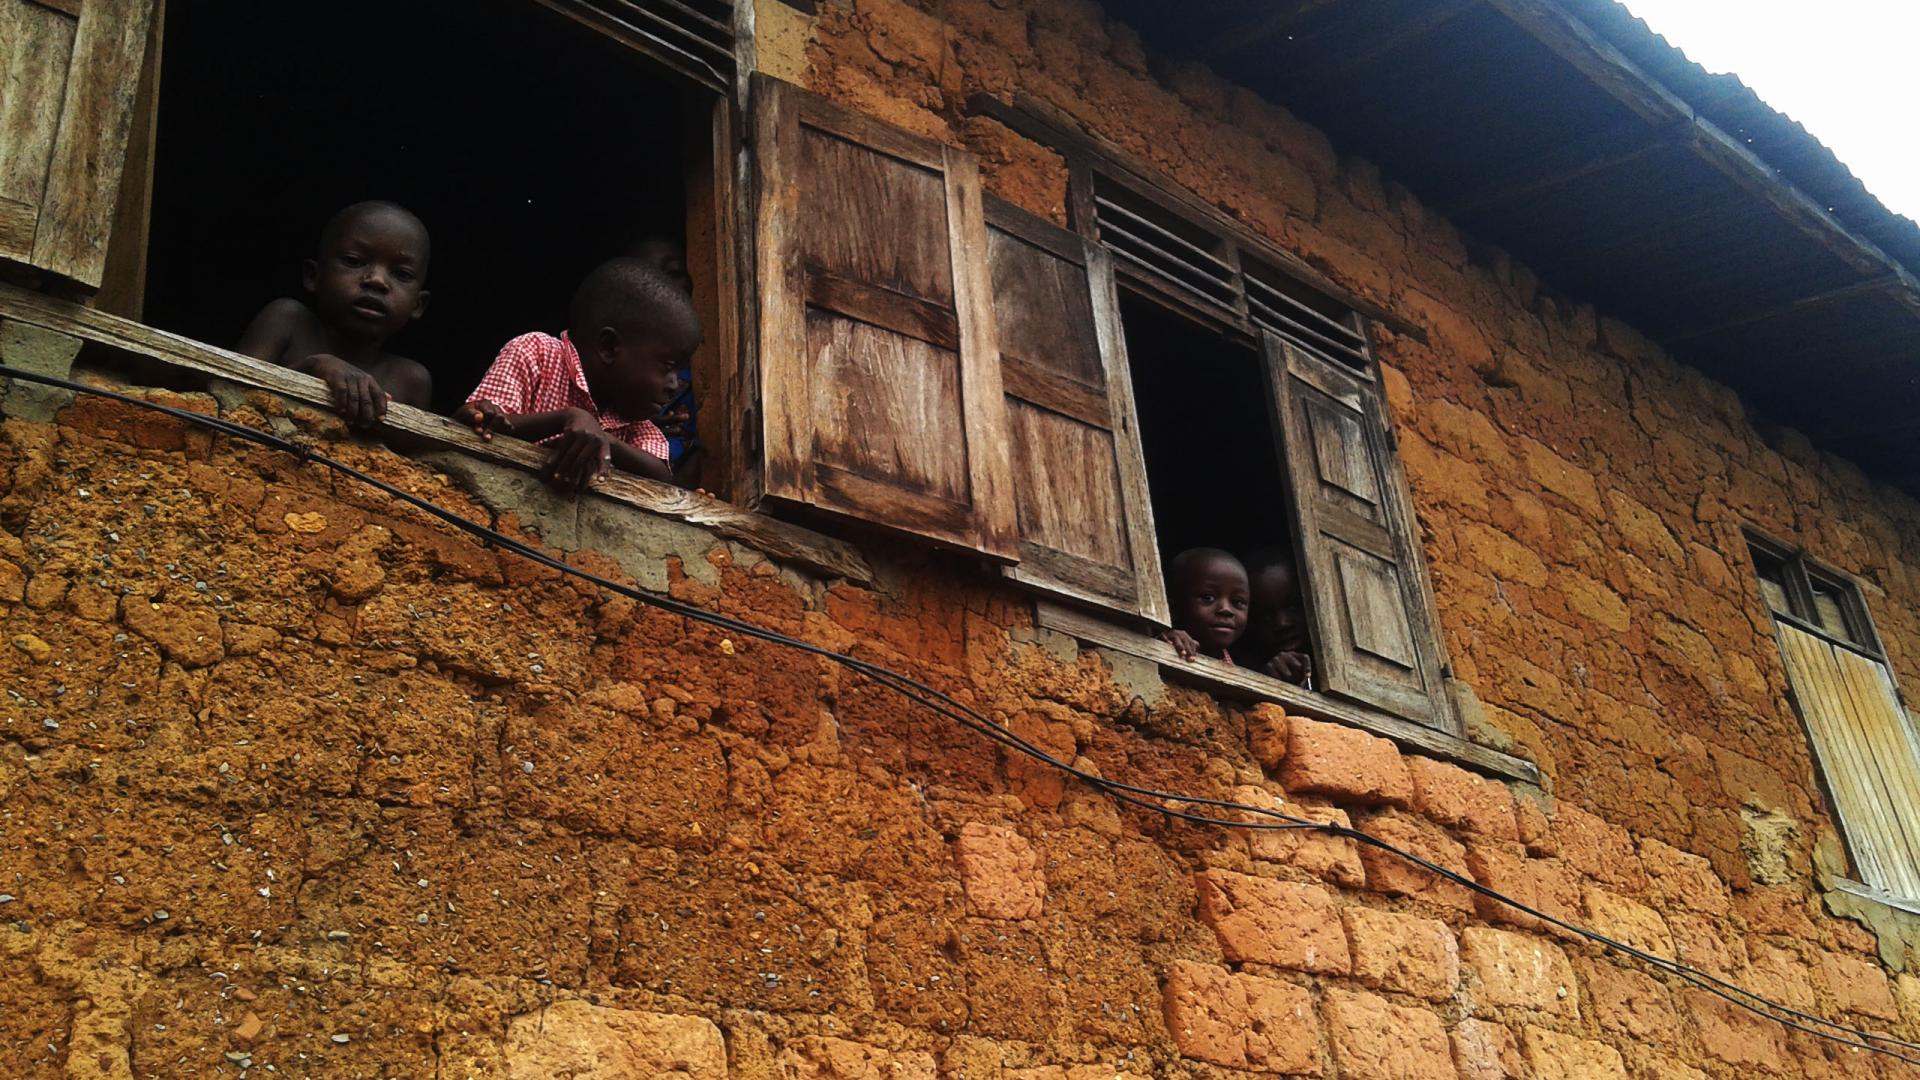 Etablissement Humain - Logement et Sans-Abri